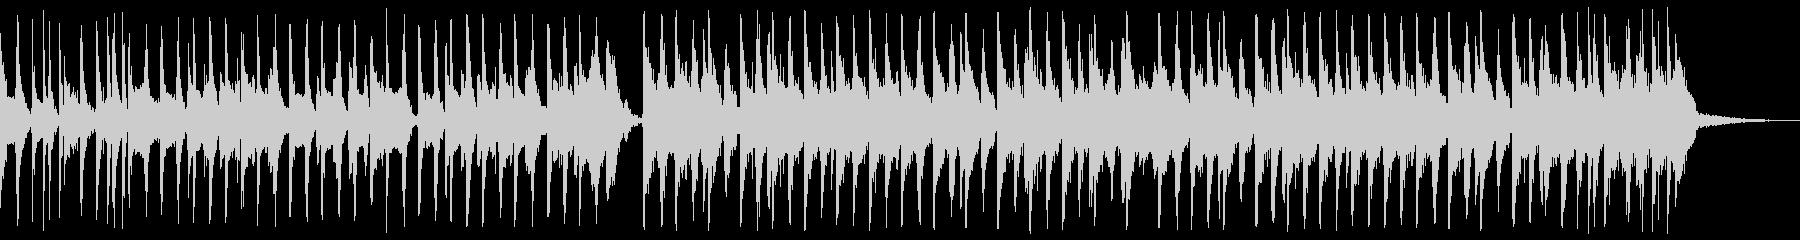 おしゃれなエレクトロスウィング01bの未再生の波形